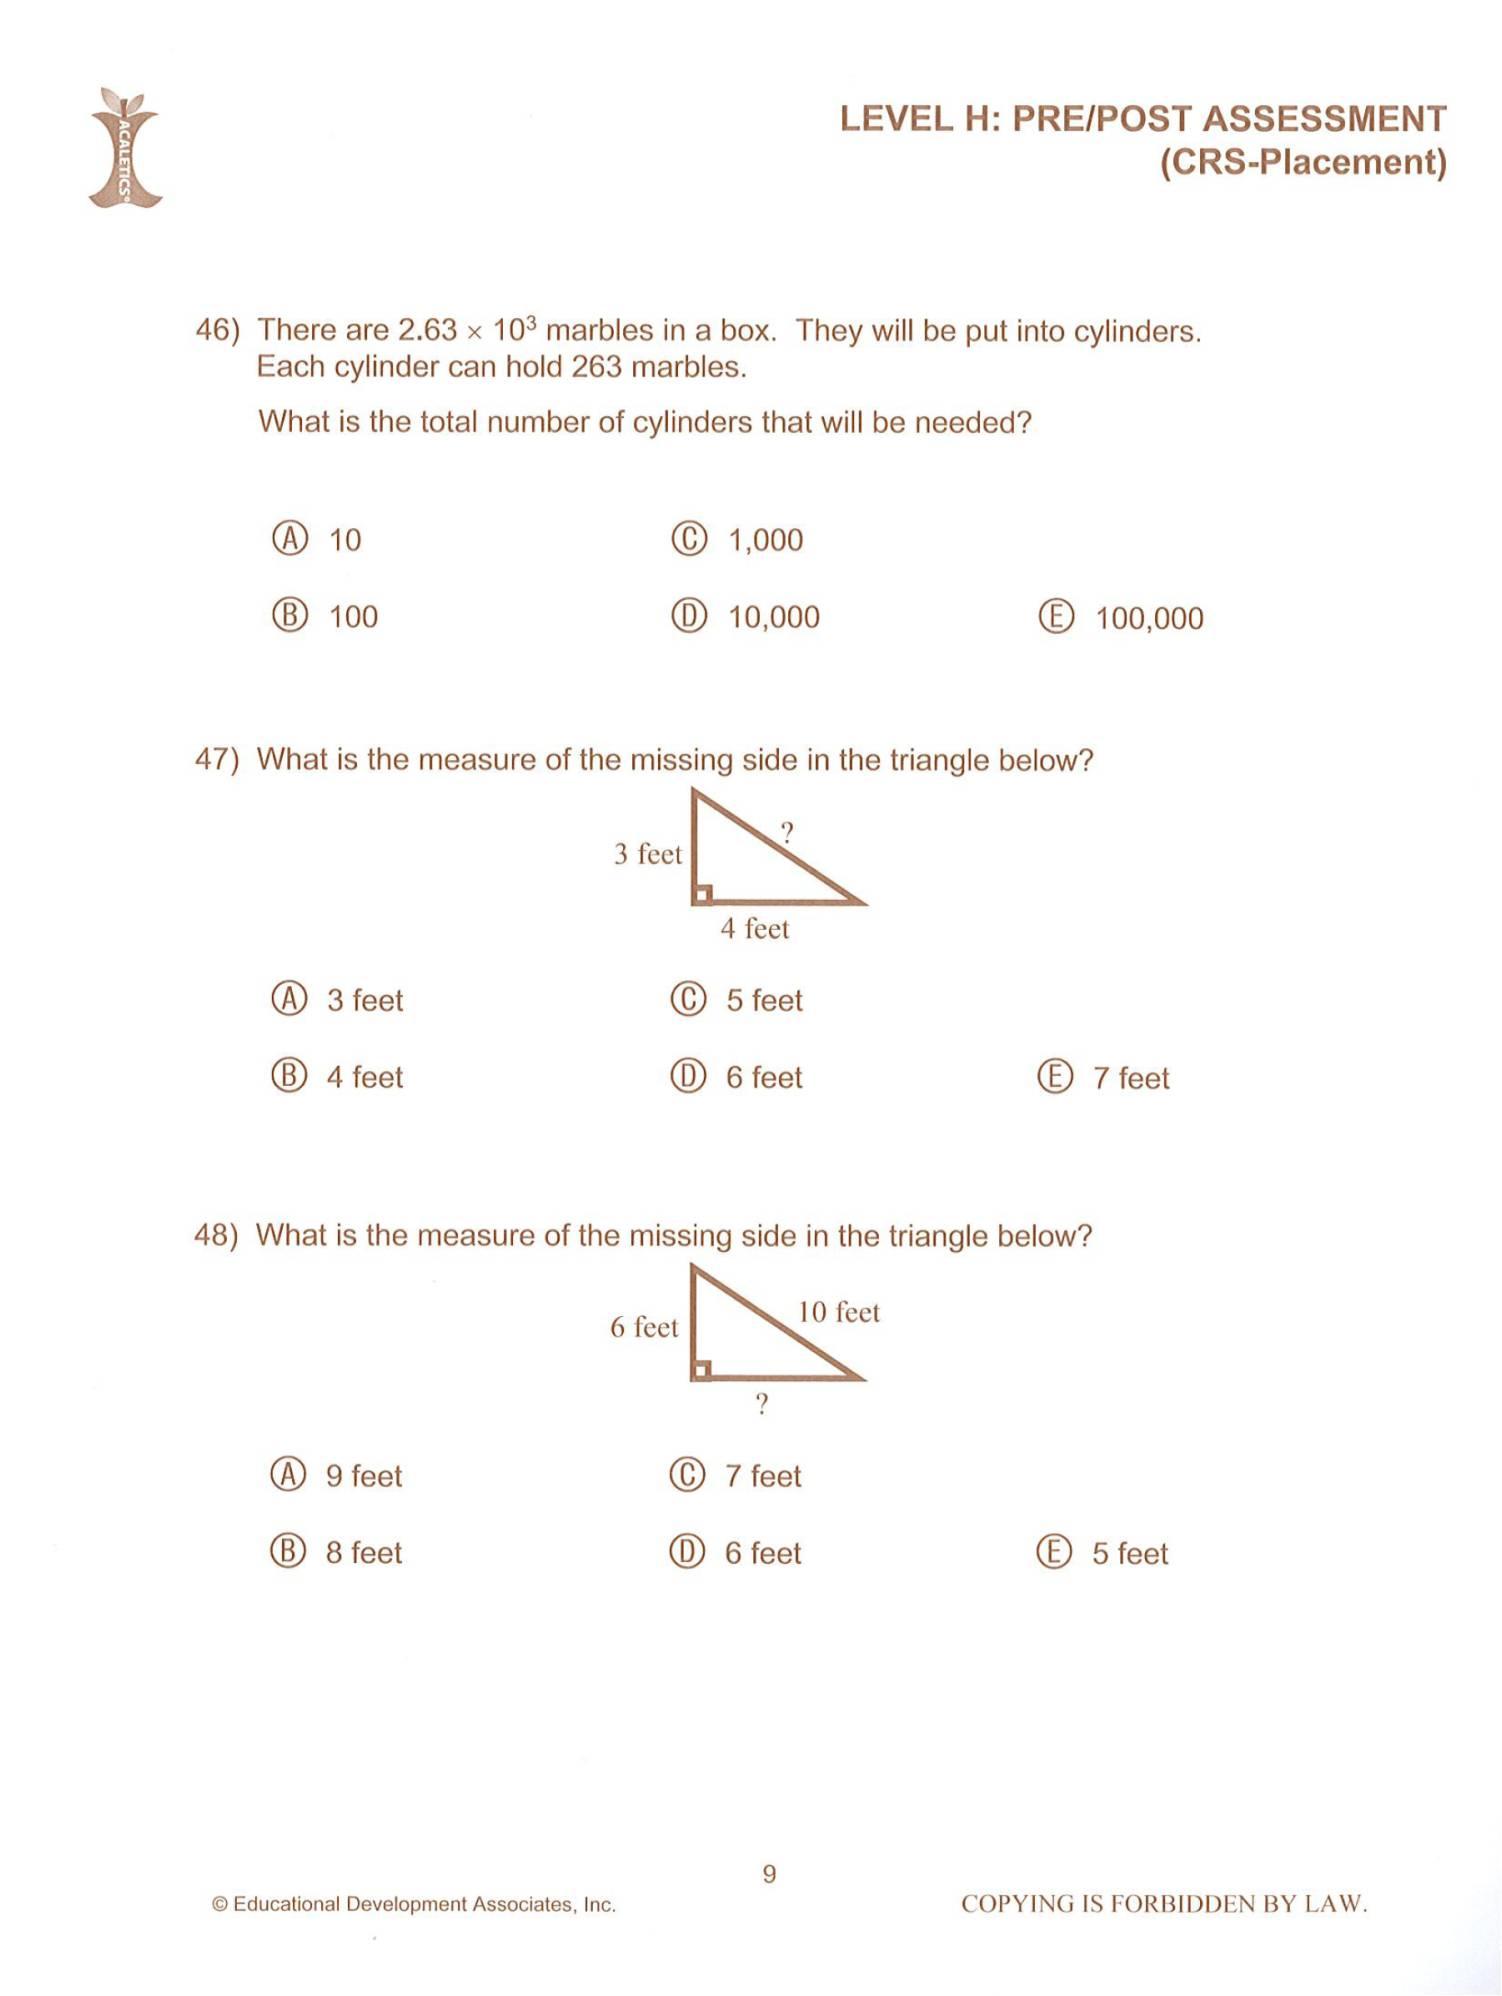 Worksheets College Level Math Worksheets college level math worksheets algebra homework sheets printable 2 8th grade l 8f614688d26 worksheet full